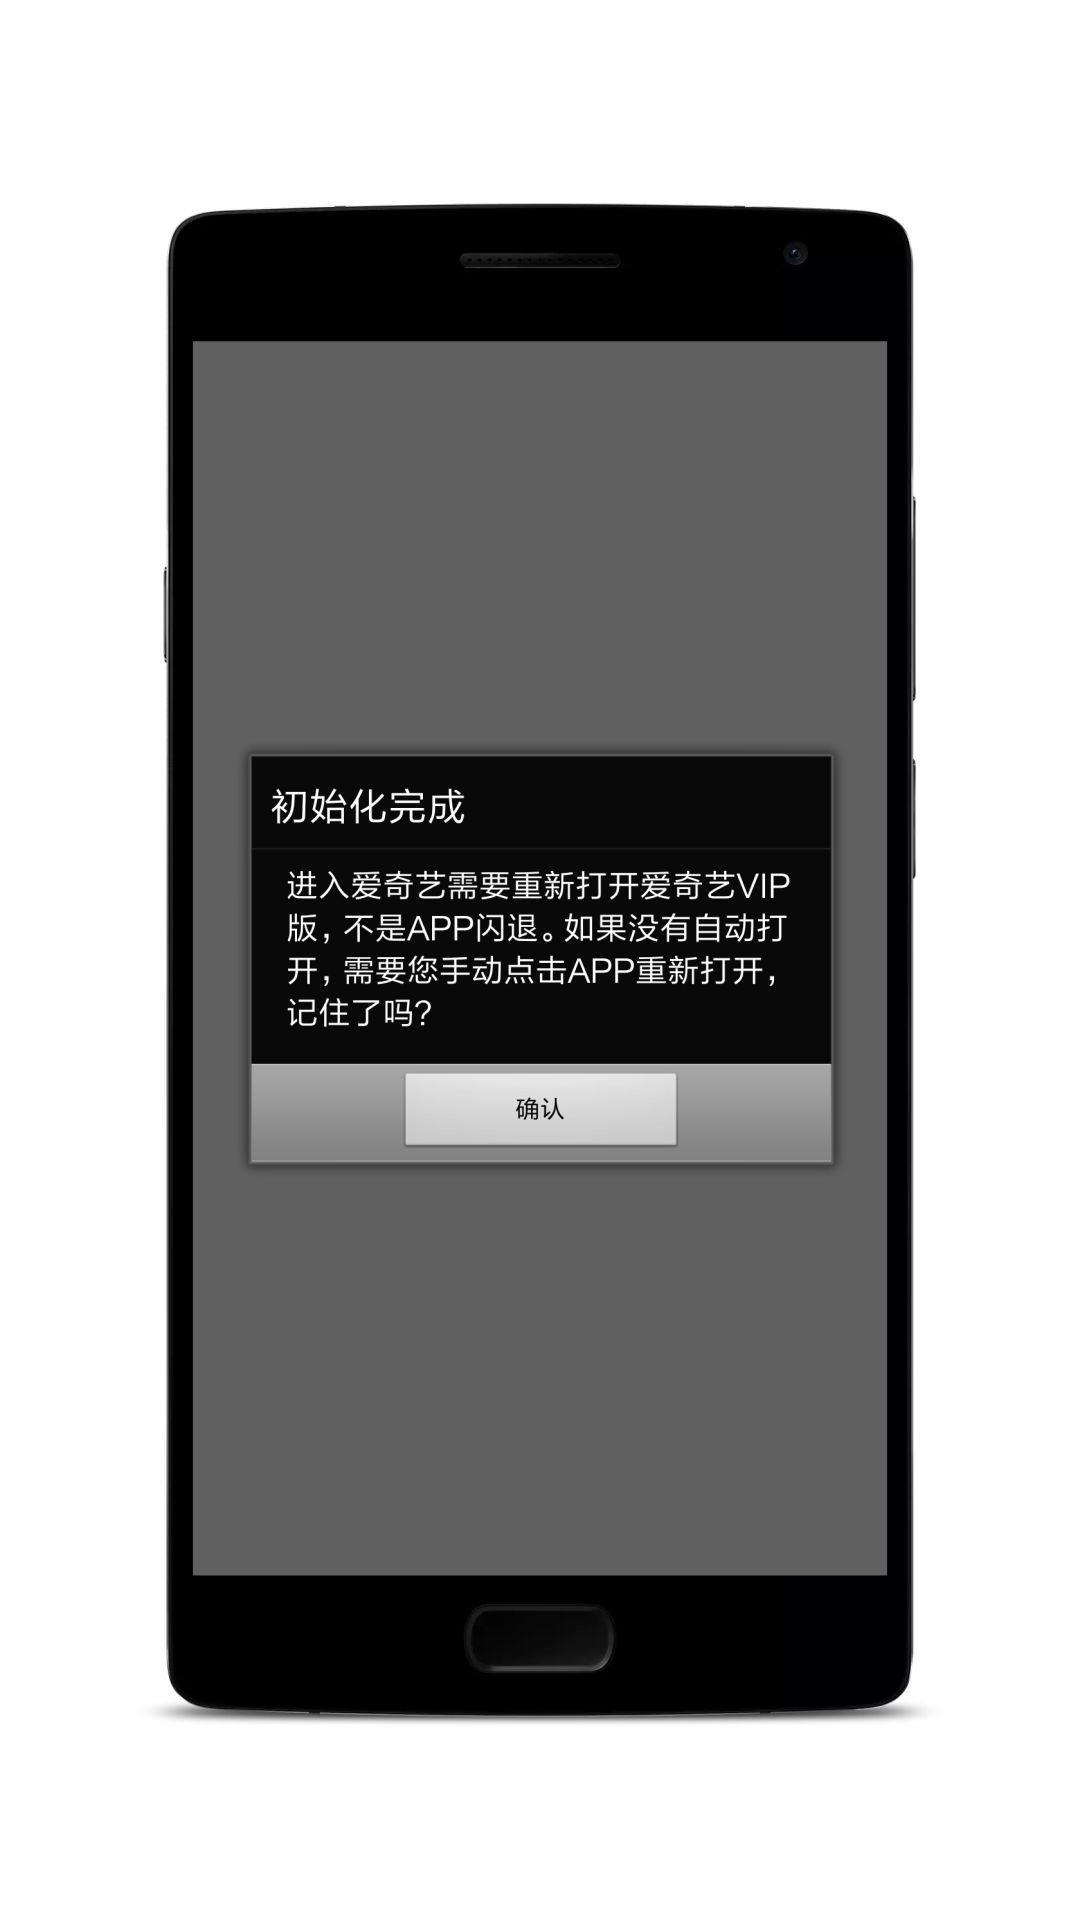 【手机软件】爱奇艺视频/VIP/去广告/免更新/免登录